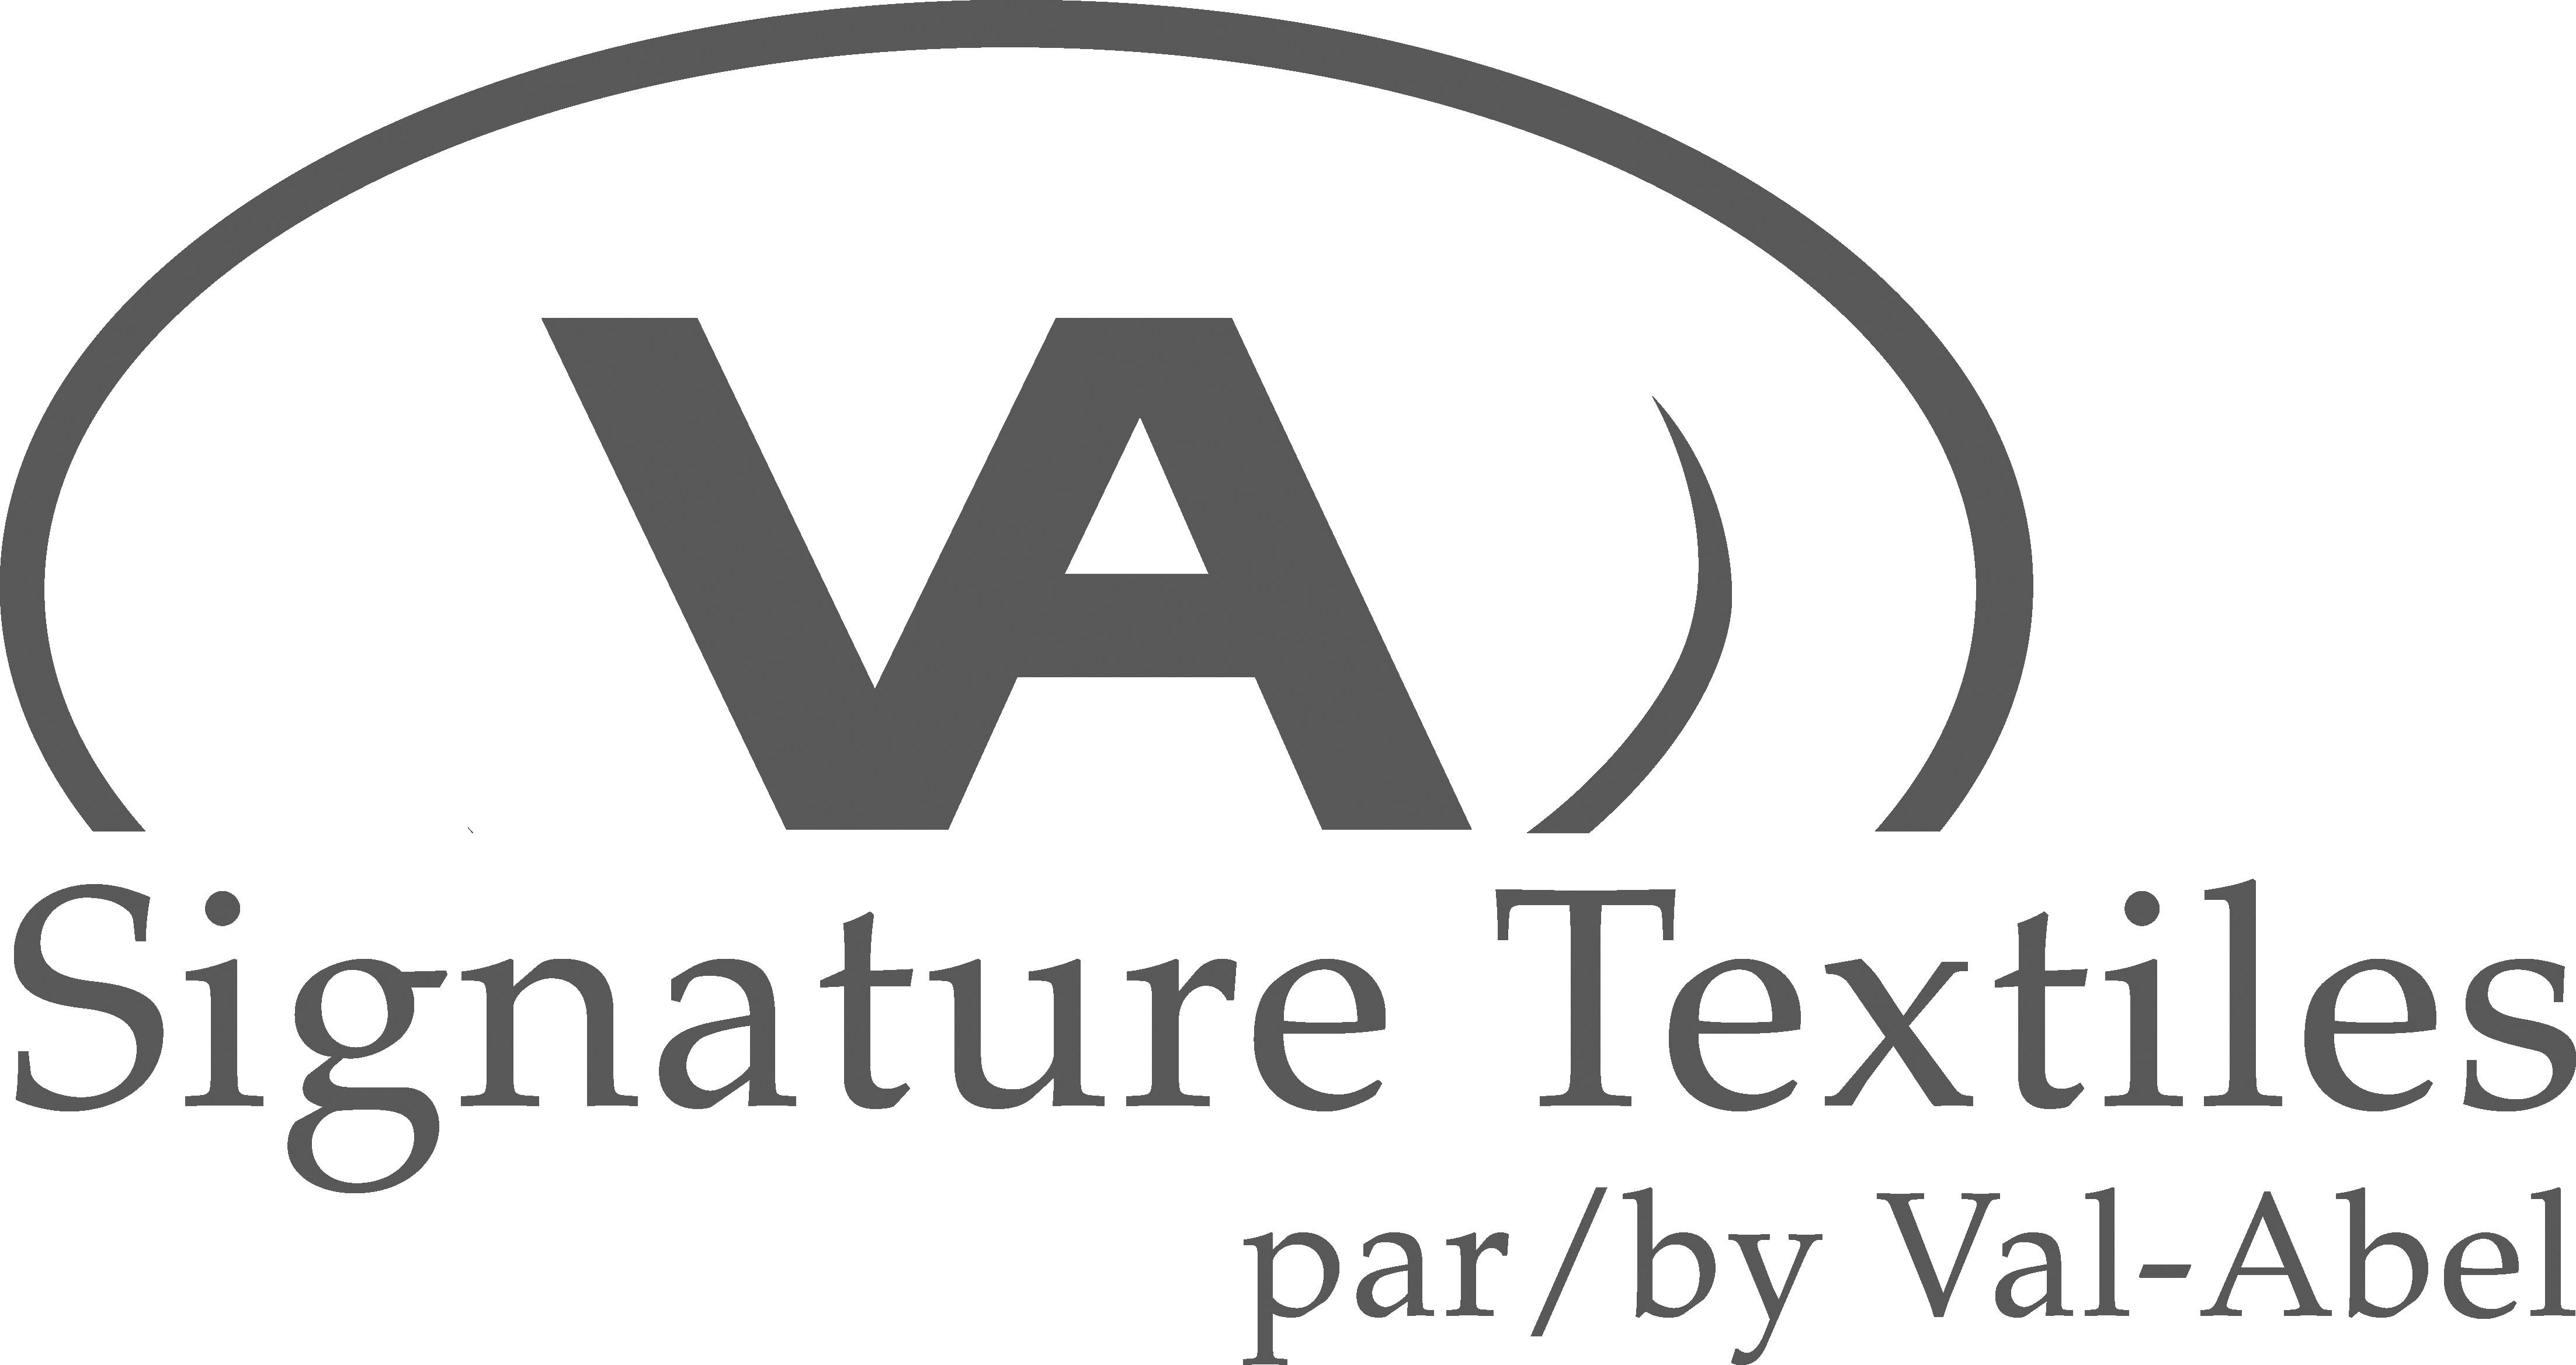 Signature Textiles par/by ValAbel